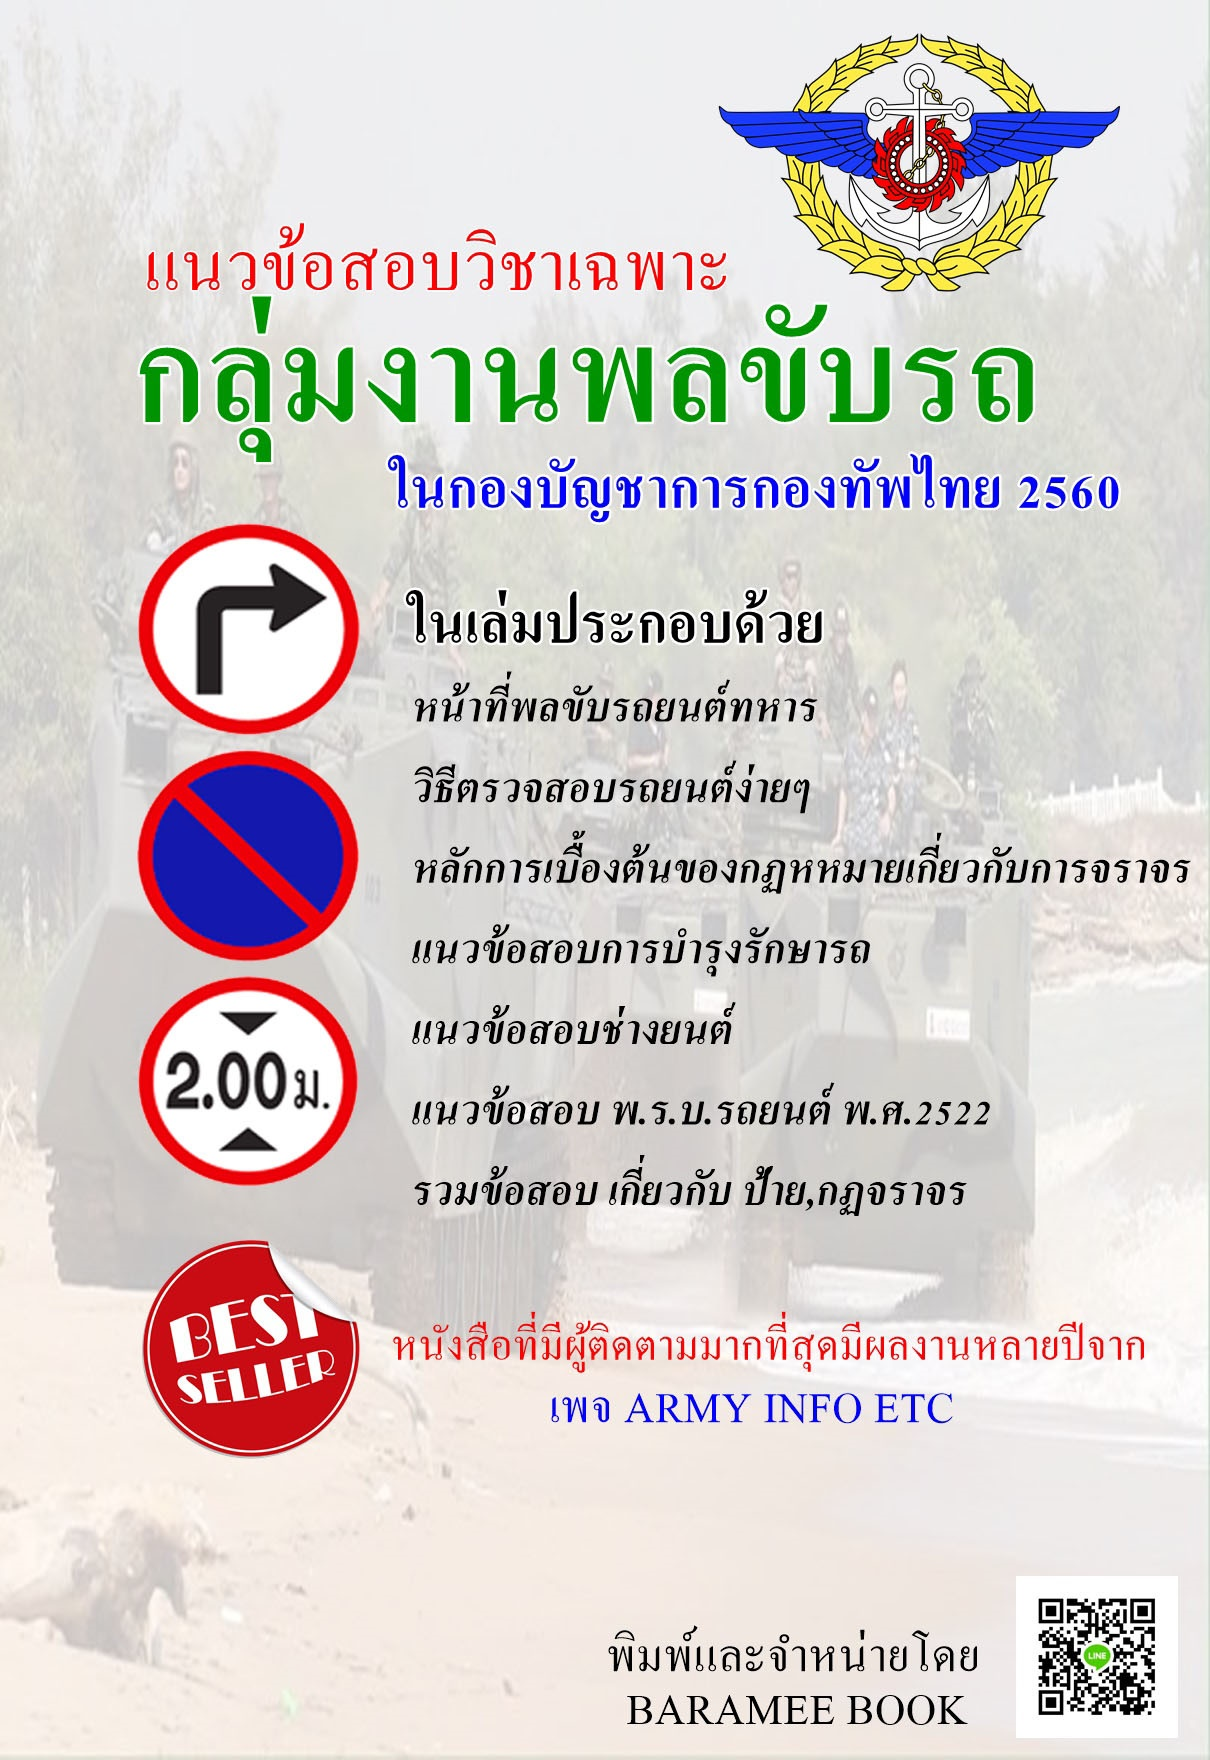 แนวข้อสอบ กลุ่มงานพลขับ บก.กองทัพไทย